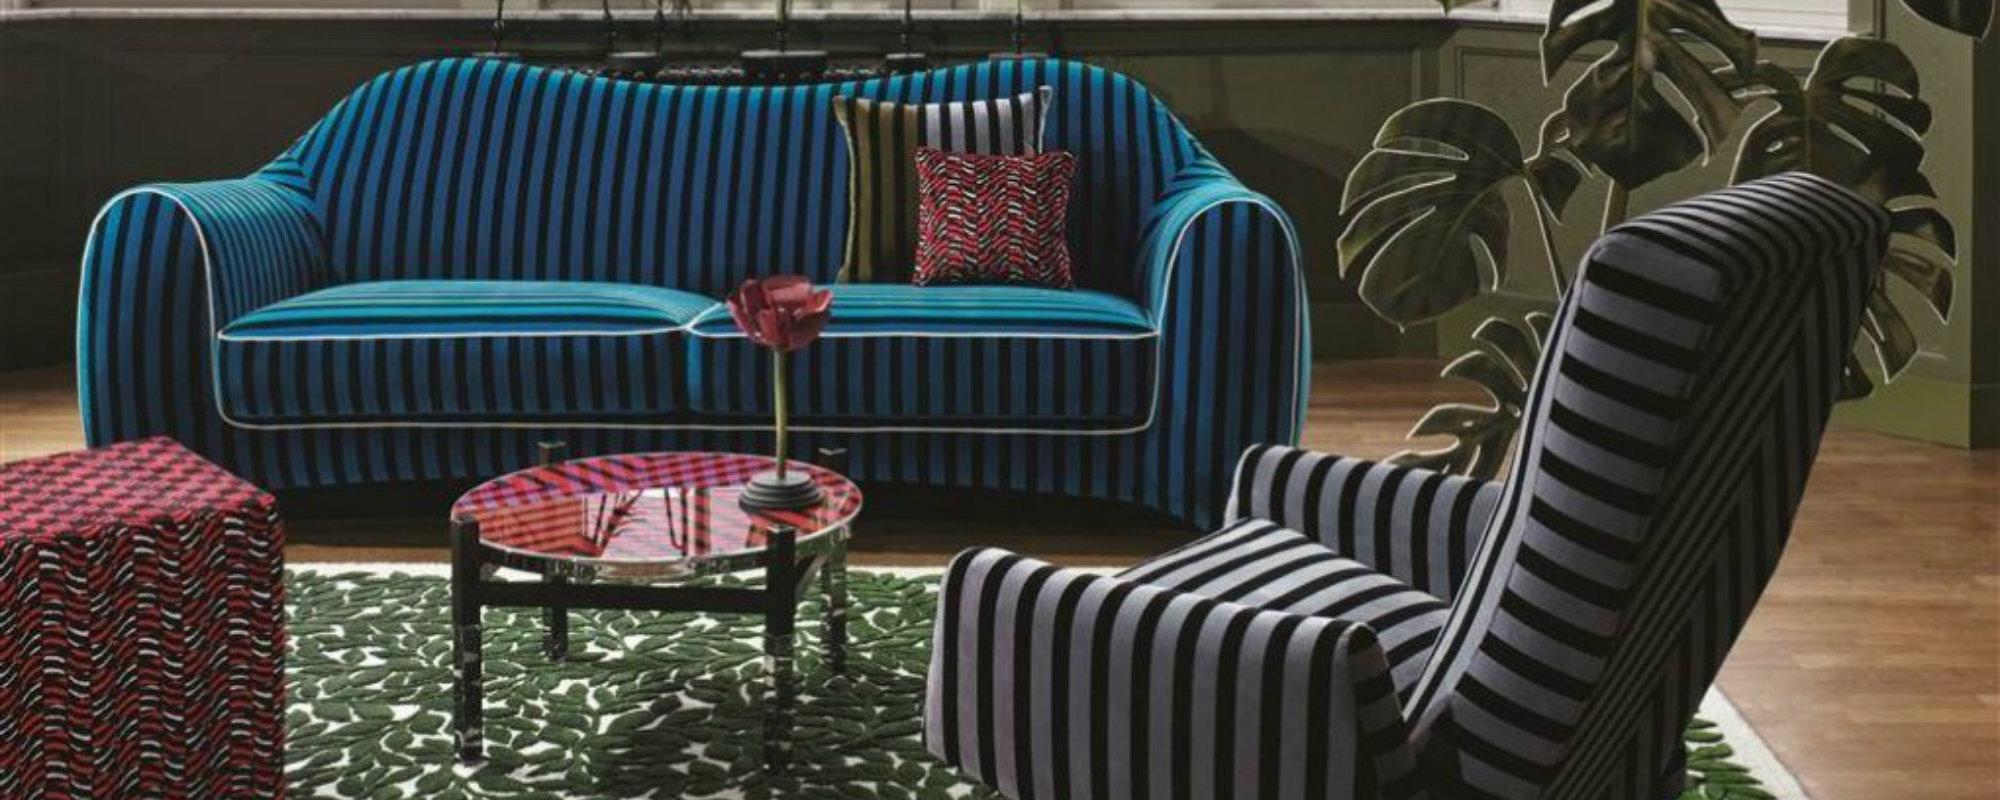 Maison et Objet 2019: Ideas de Interiorismo de lujo para los proyectos maison et objet 2019 Maison et Objet 2019: Ideas de Interiorismo de lujo para los proyectos Featured 3